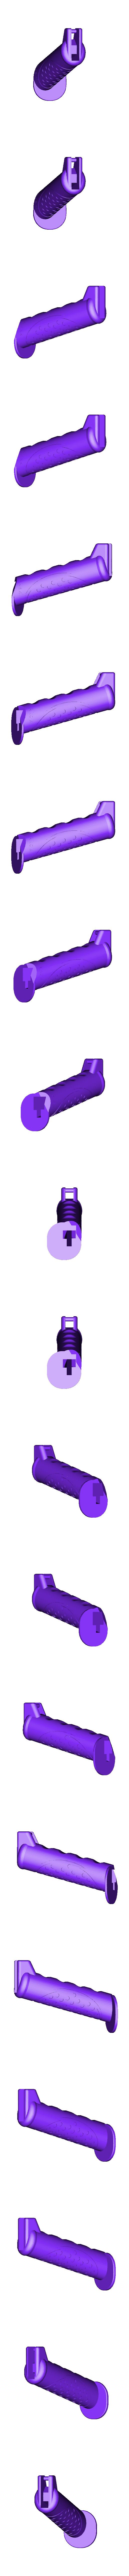 joystick_with_trigger.stl Télécharger fichier STL gratuit Joystick PS4 • Design à imprimer en 3D, Osichan